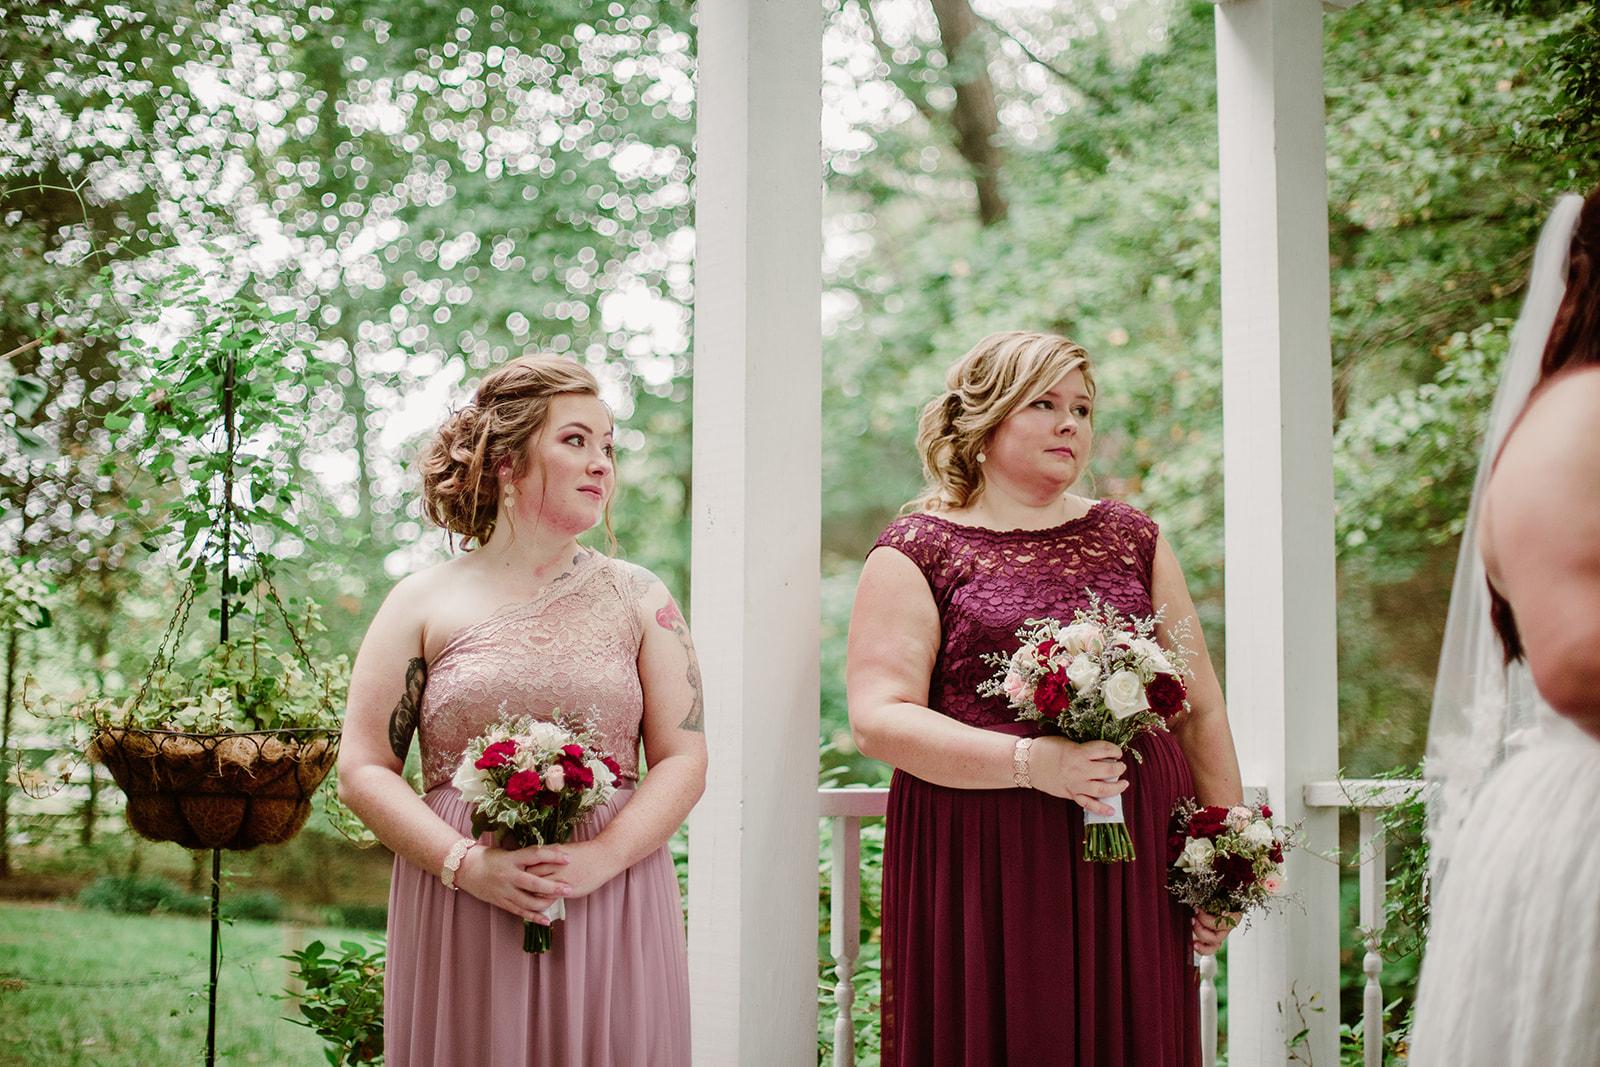 SarahMattozziPhotography-NicoleChris-GlenGardens-Ceremony-13.jpg